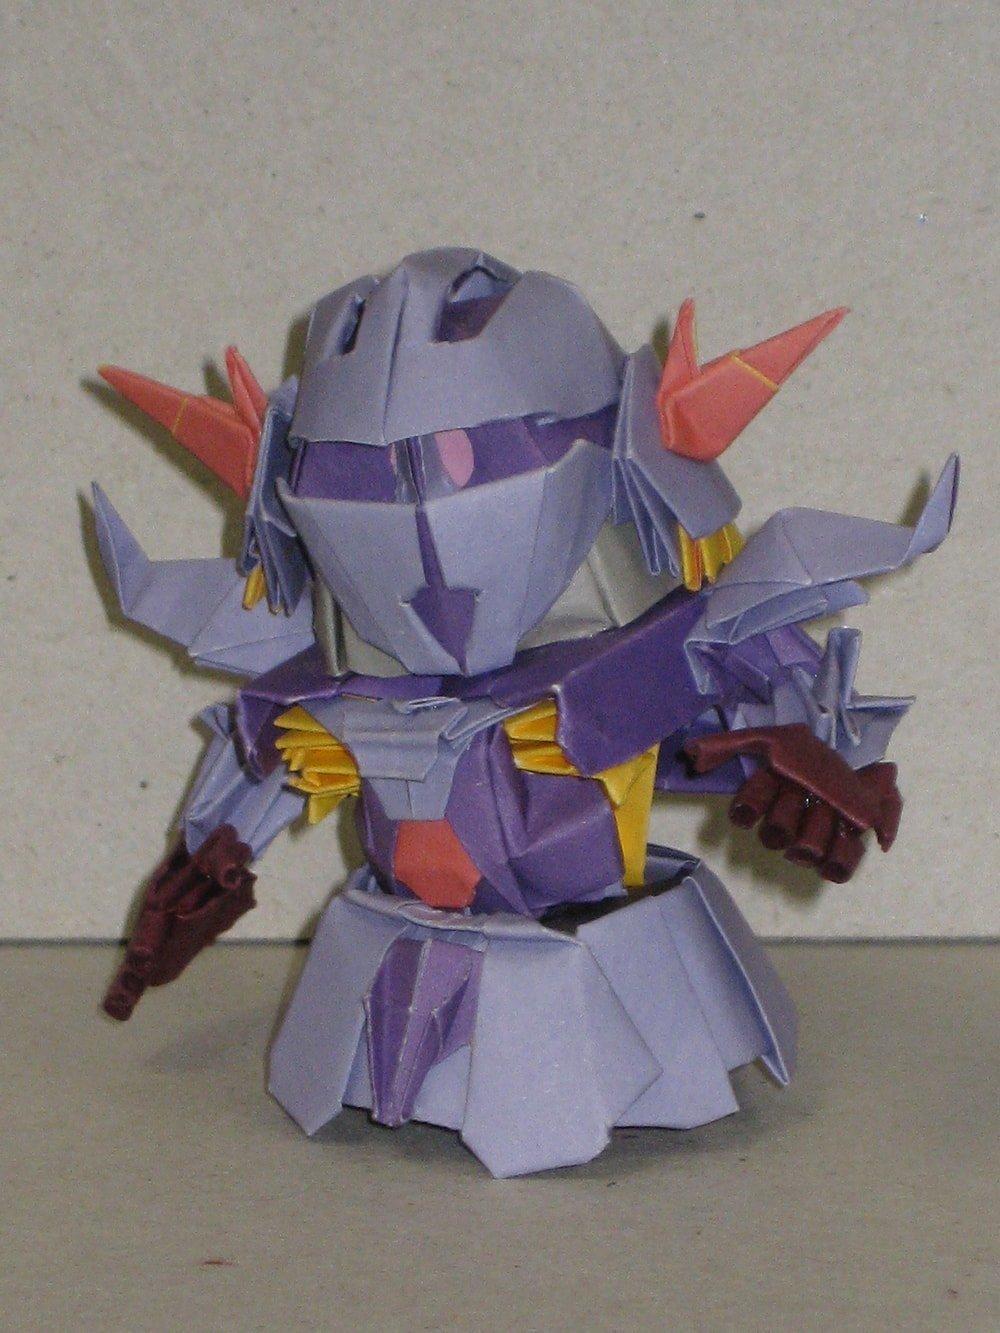 Gundam Series 11